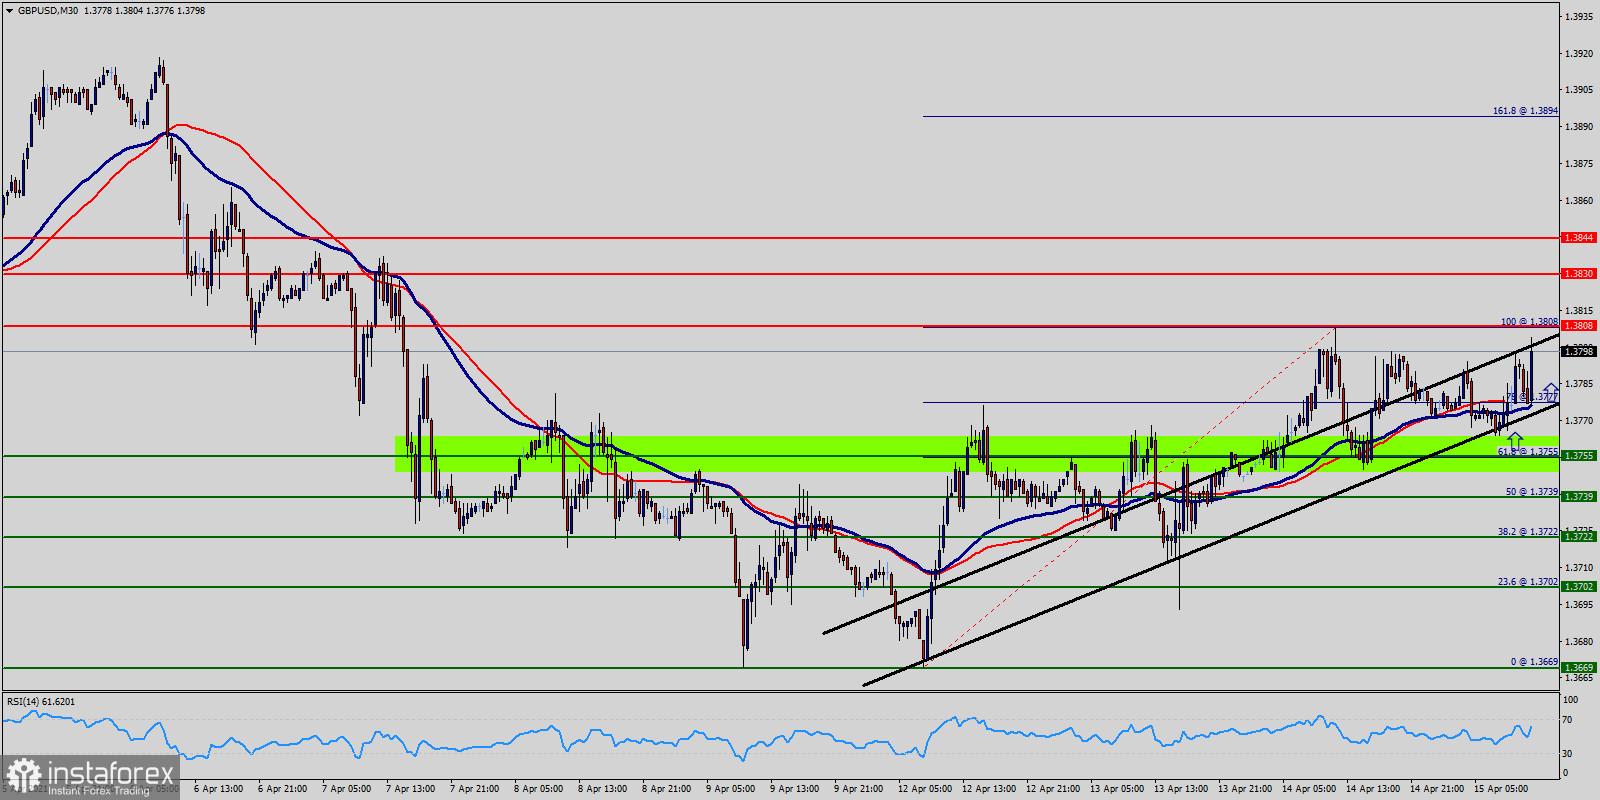 Технически анализ на GBP/USD за 15 април 2021 г.